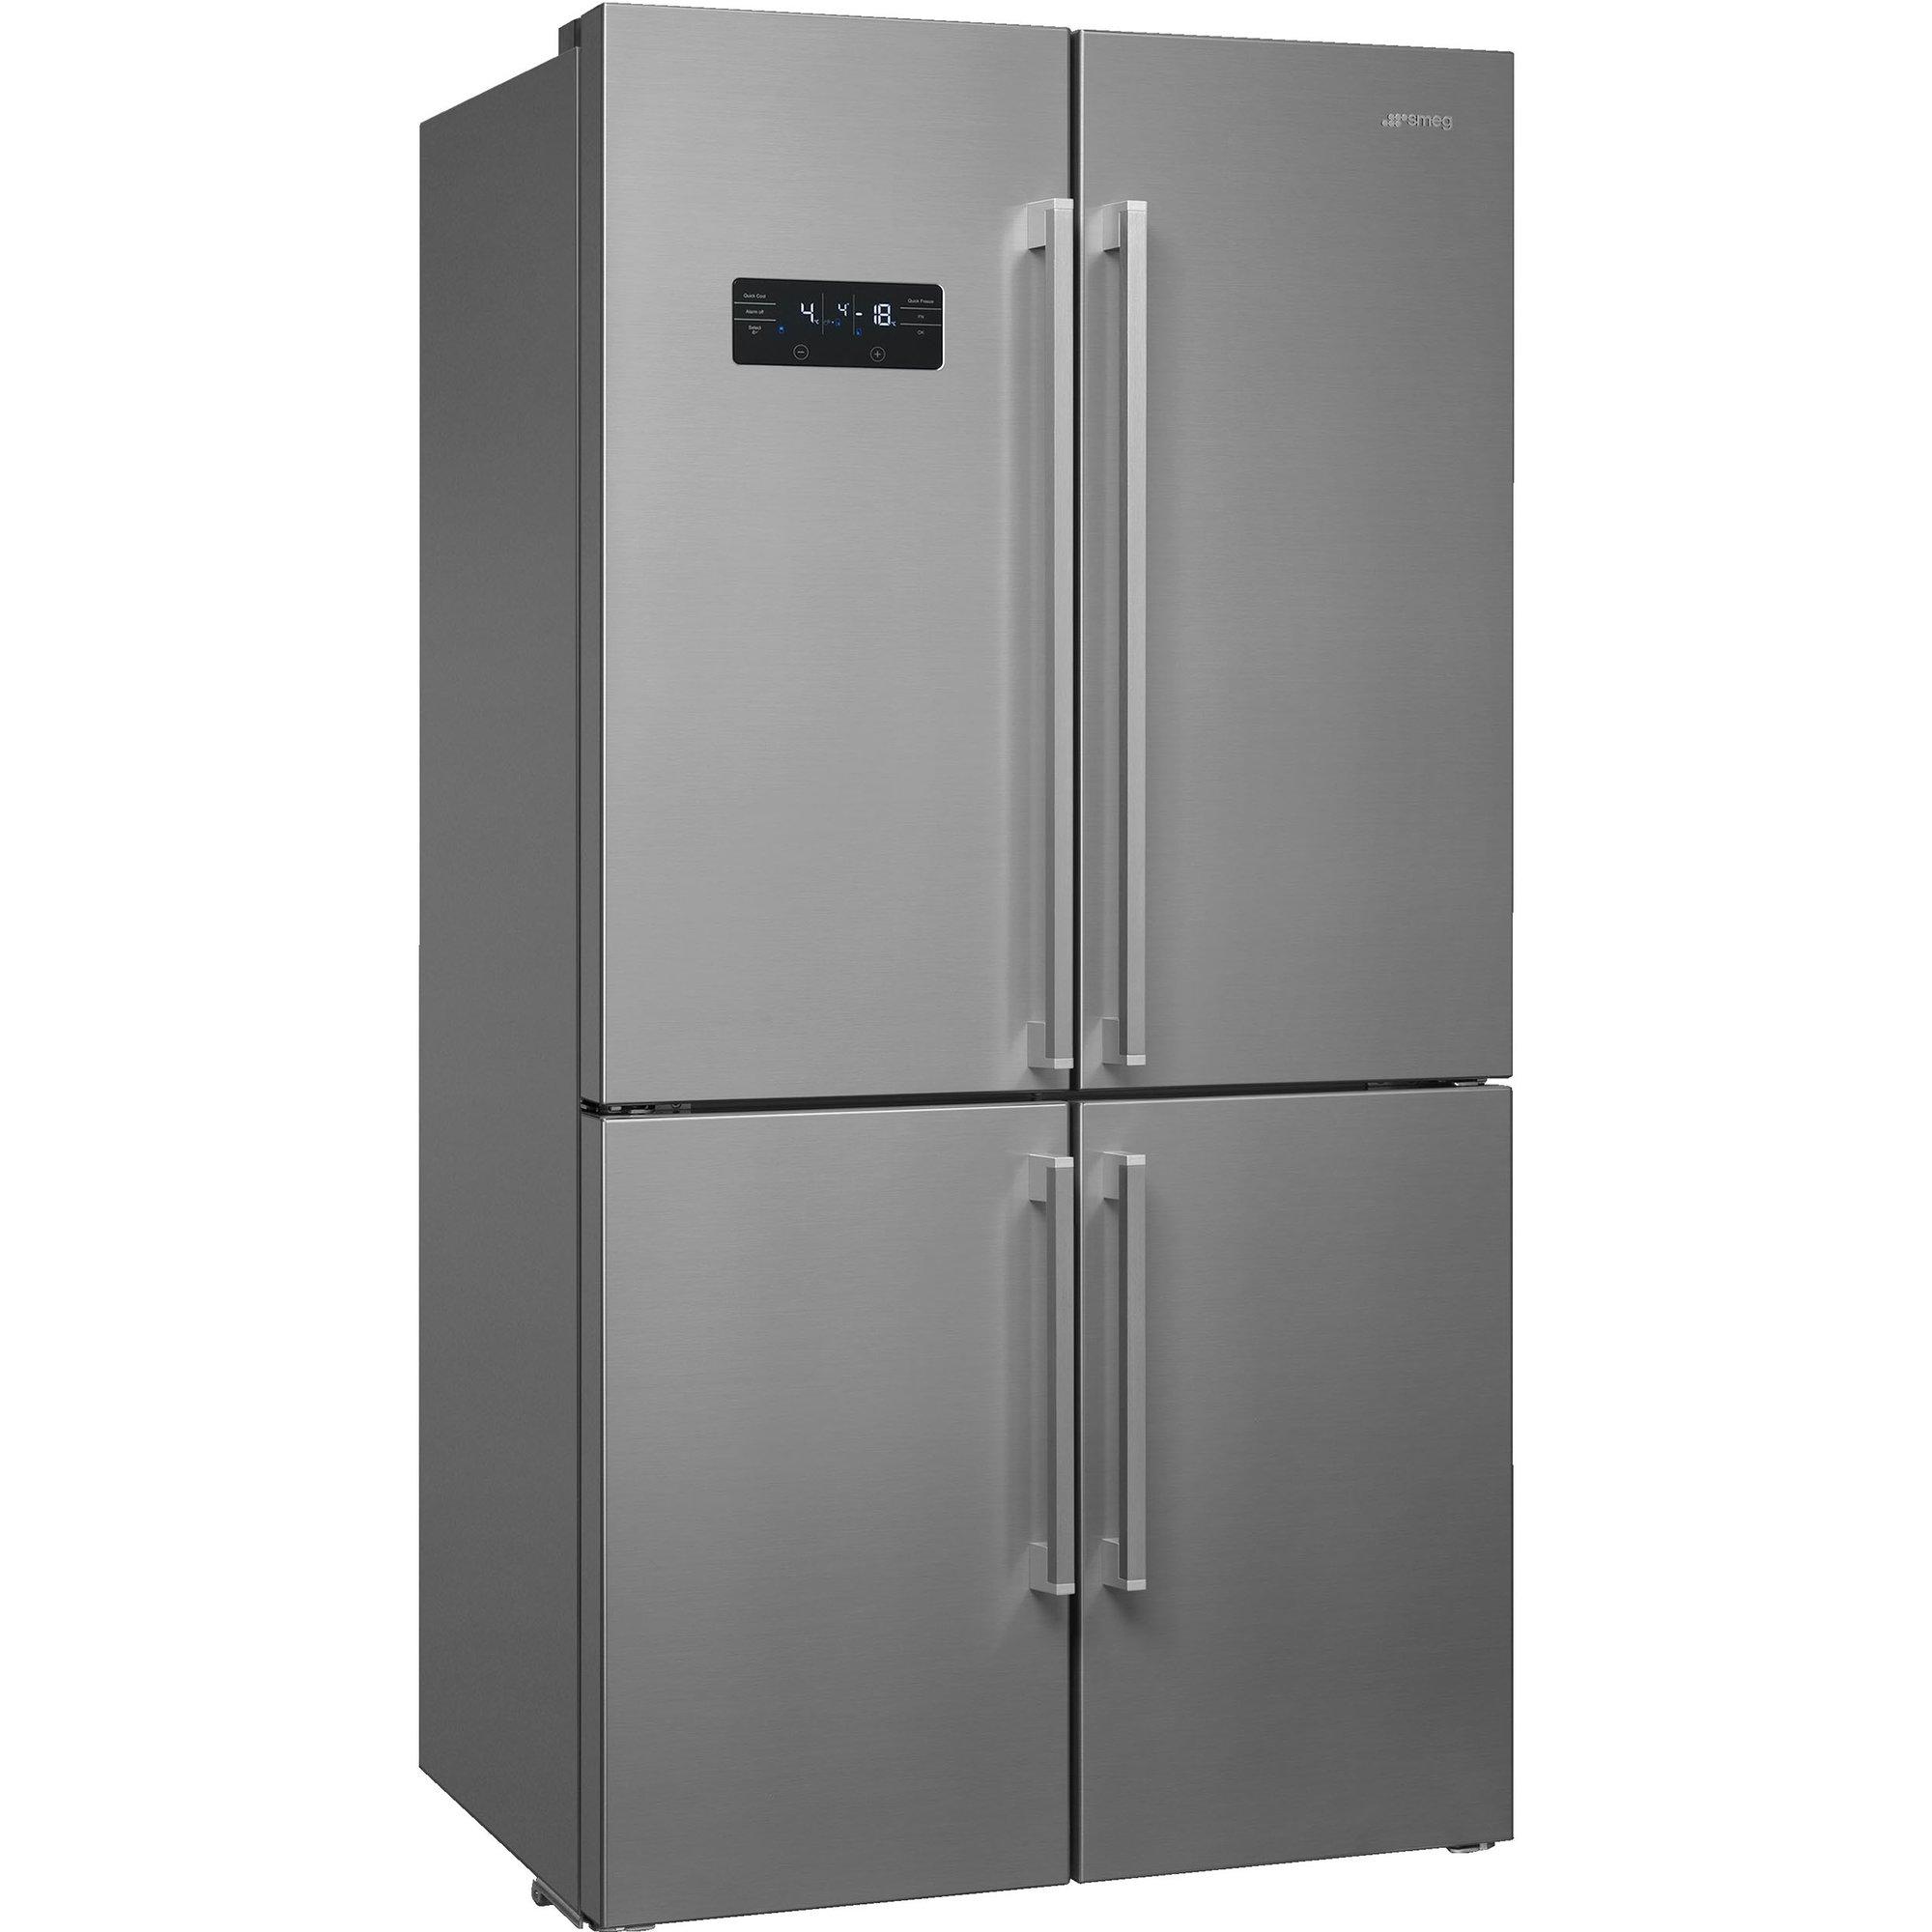 Smeg Universal No Frost Kylskåp/frys med 4 dörrar